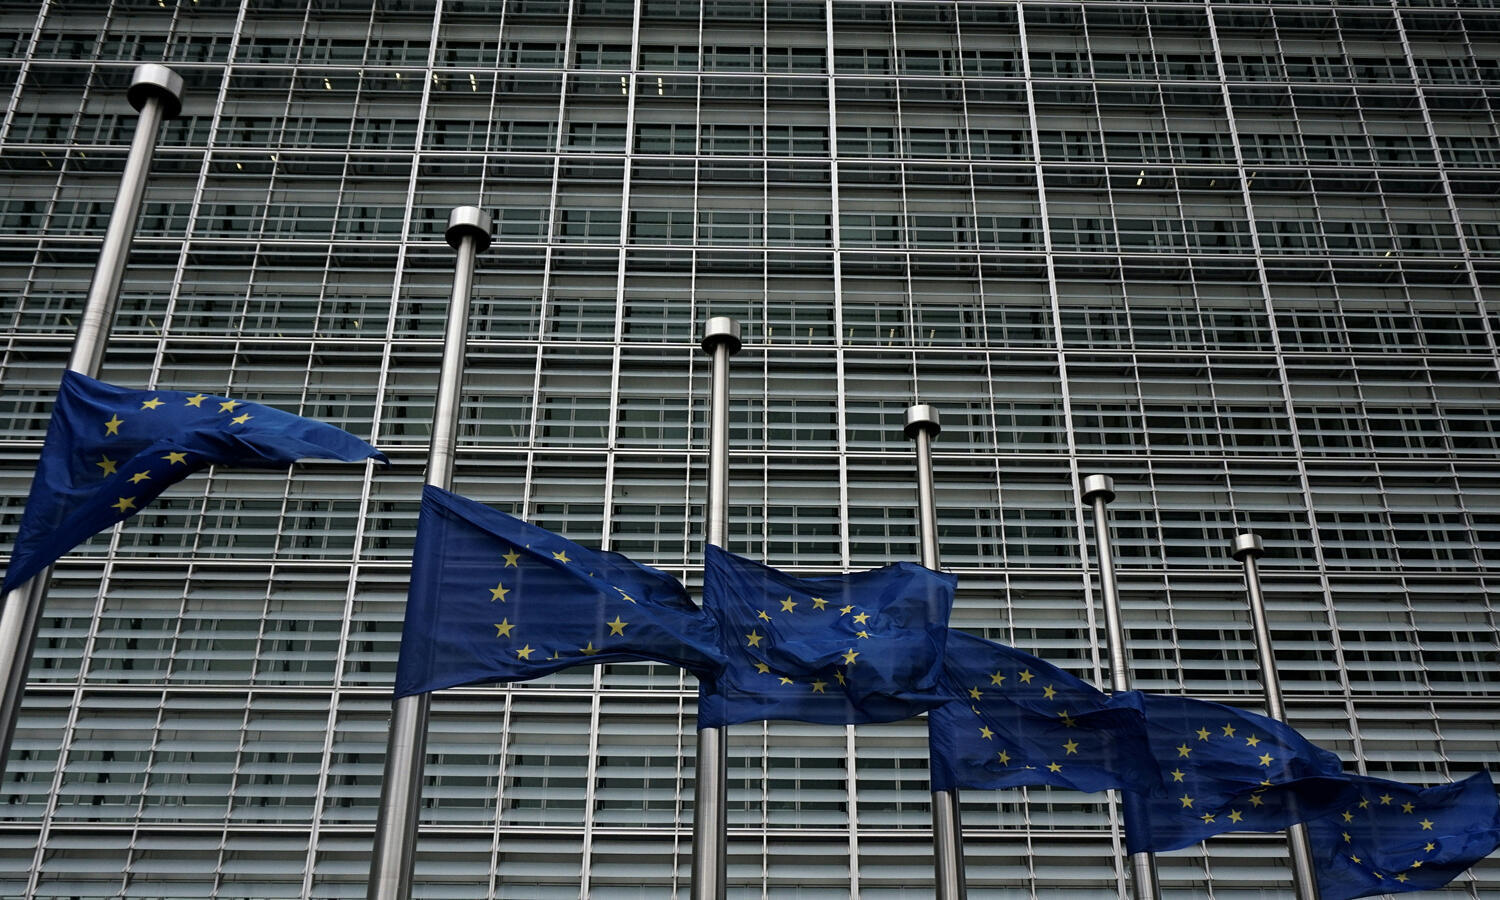 drapeaux-_union-européenn_-Commission-européenneBruxelles_afp